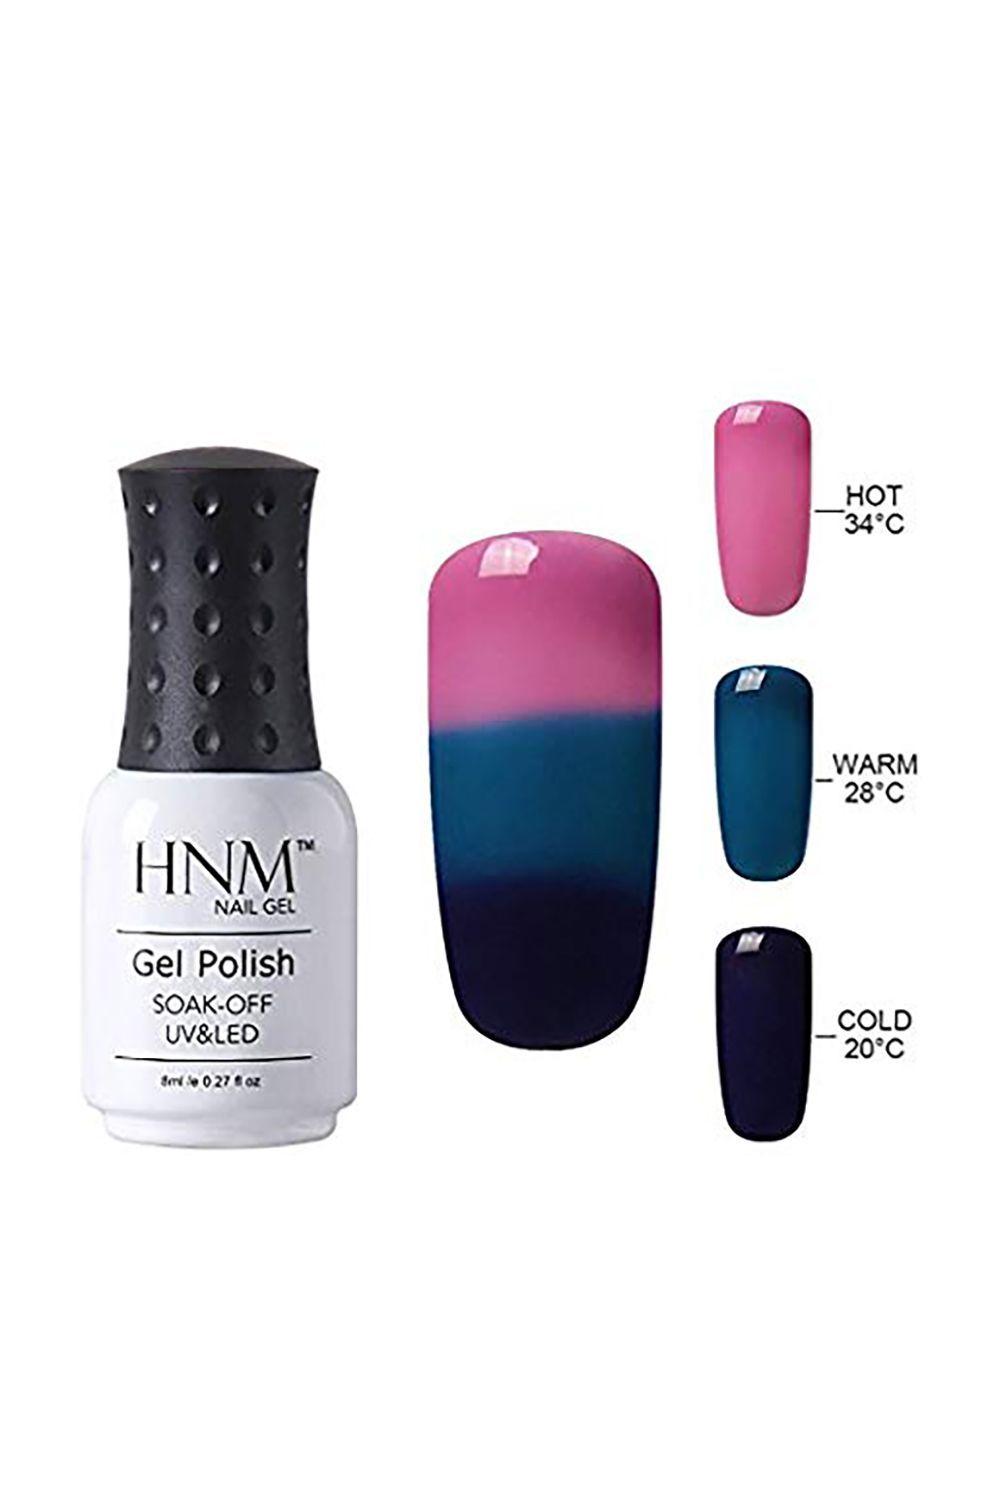 Thermal Color Changing Gel Nail Polish